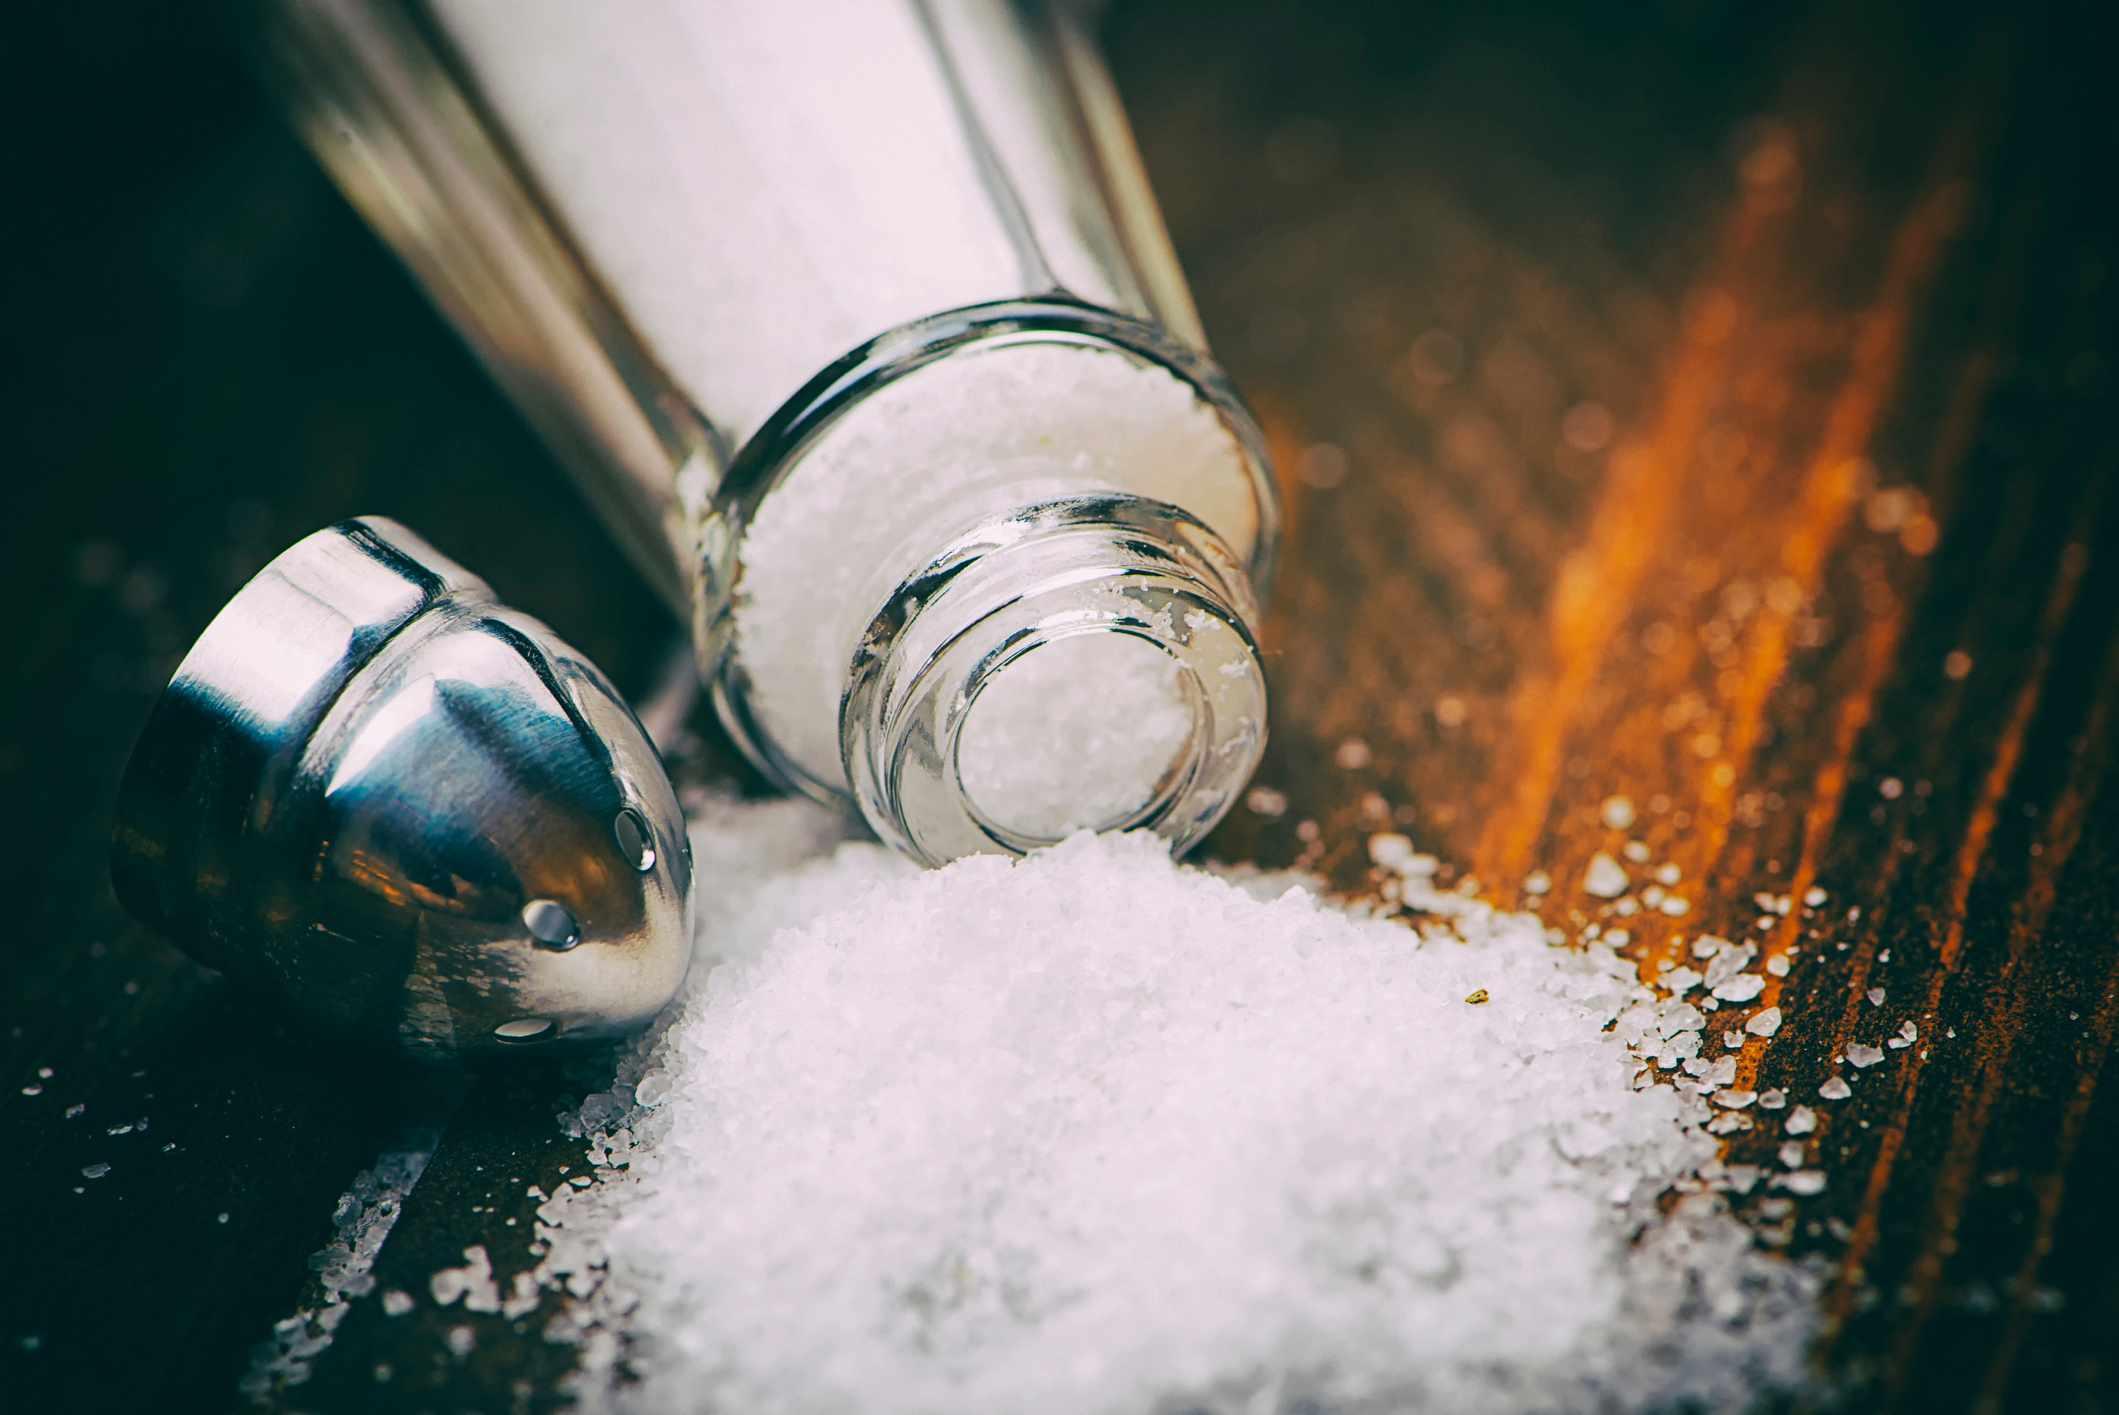 Spilt over salt shaker on table